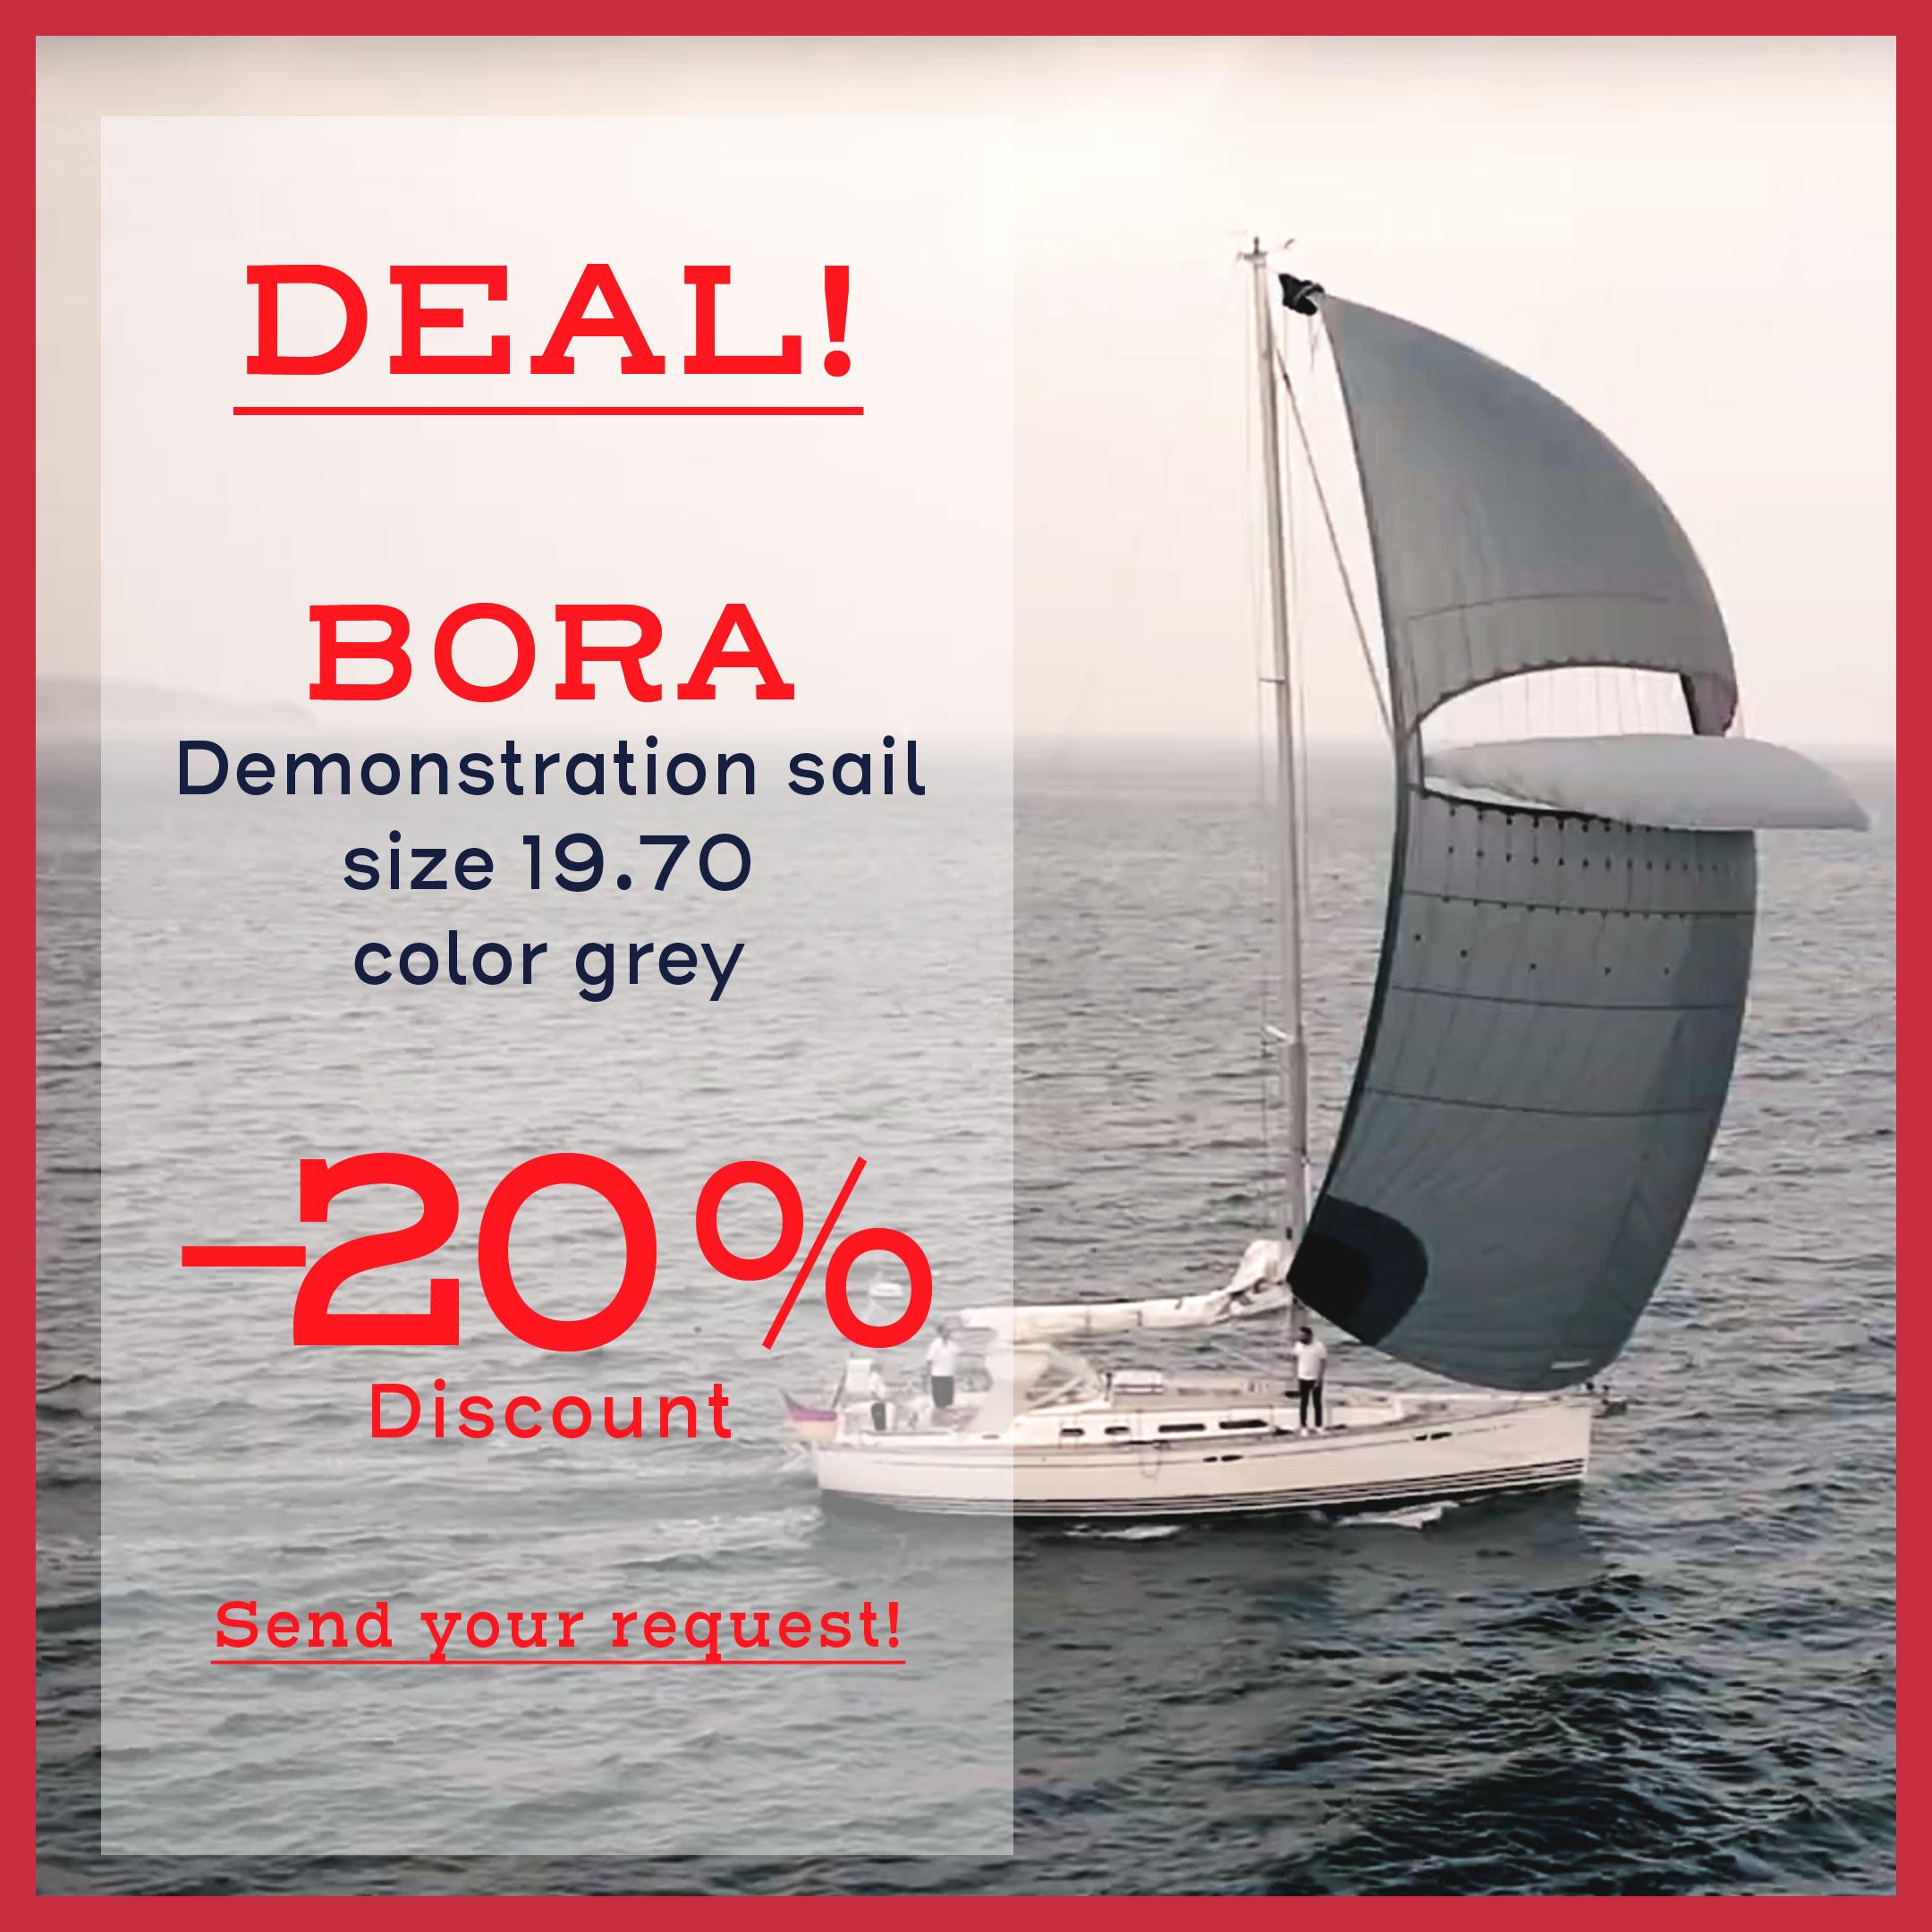 News - Bora